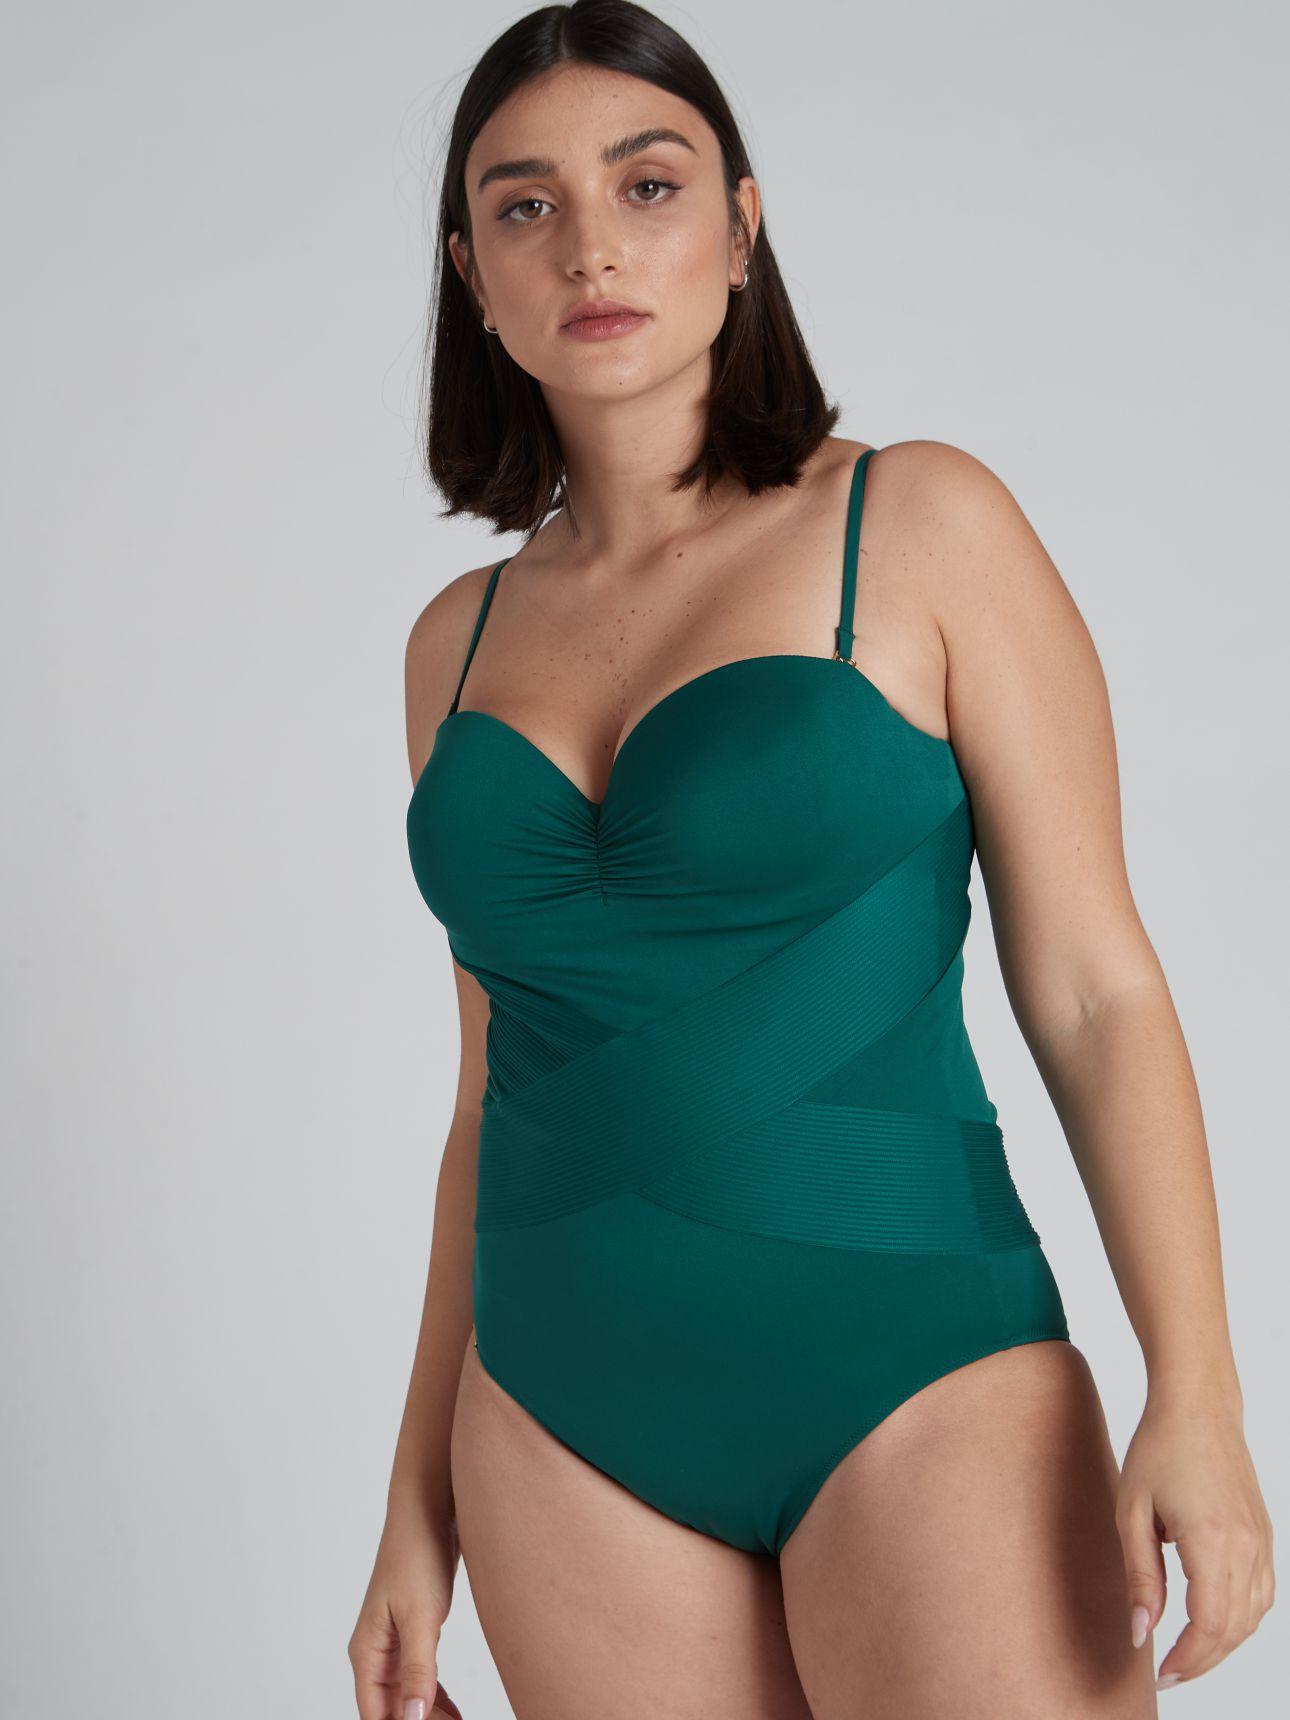 בגד ים שלם בגזרת סטרפלס SELMARK בצבע ירוק